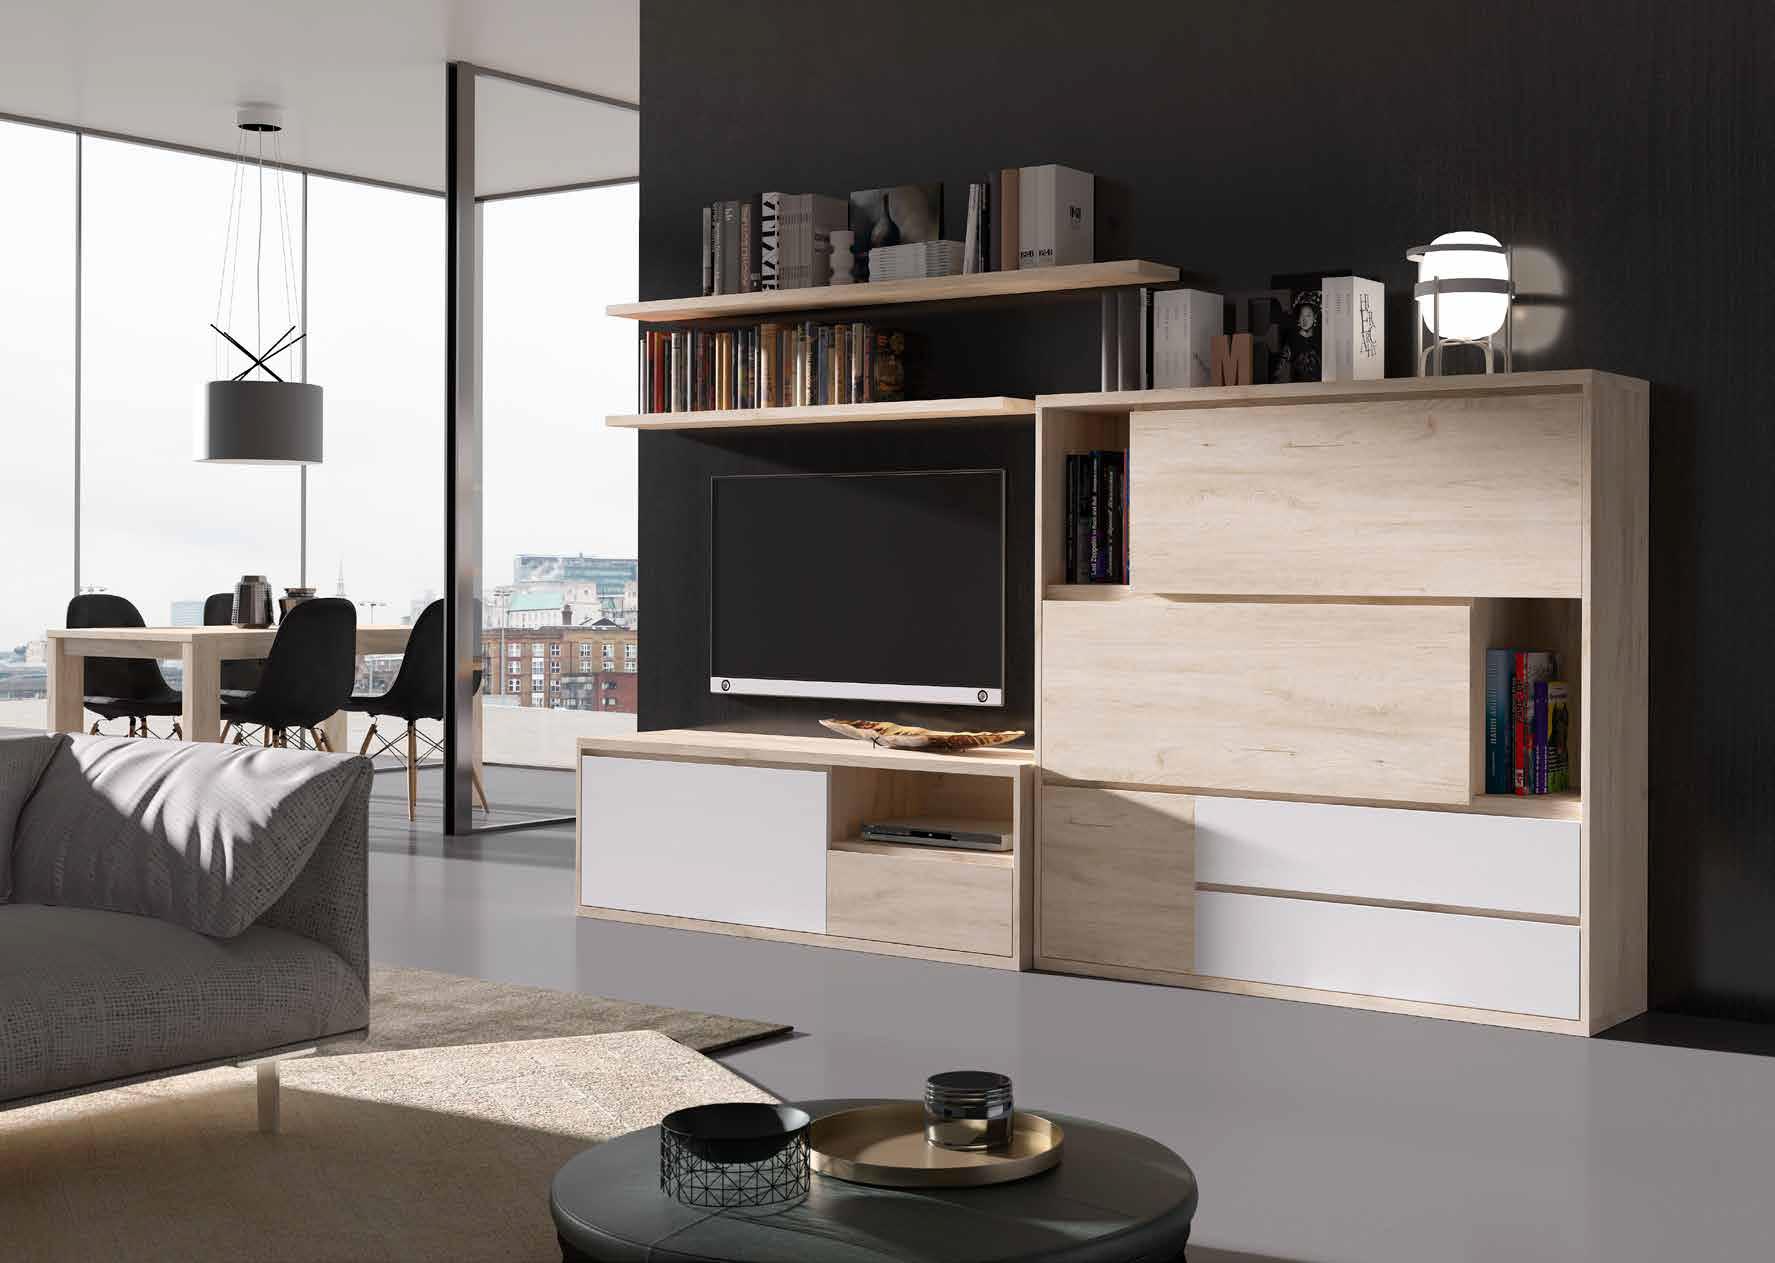 Muebles de sal n y comedor comprar online tienda de for Portico muebles catalogo online